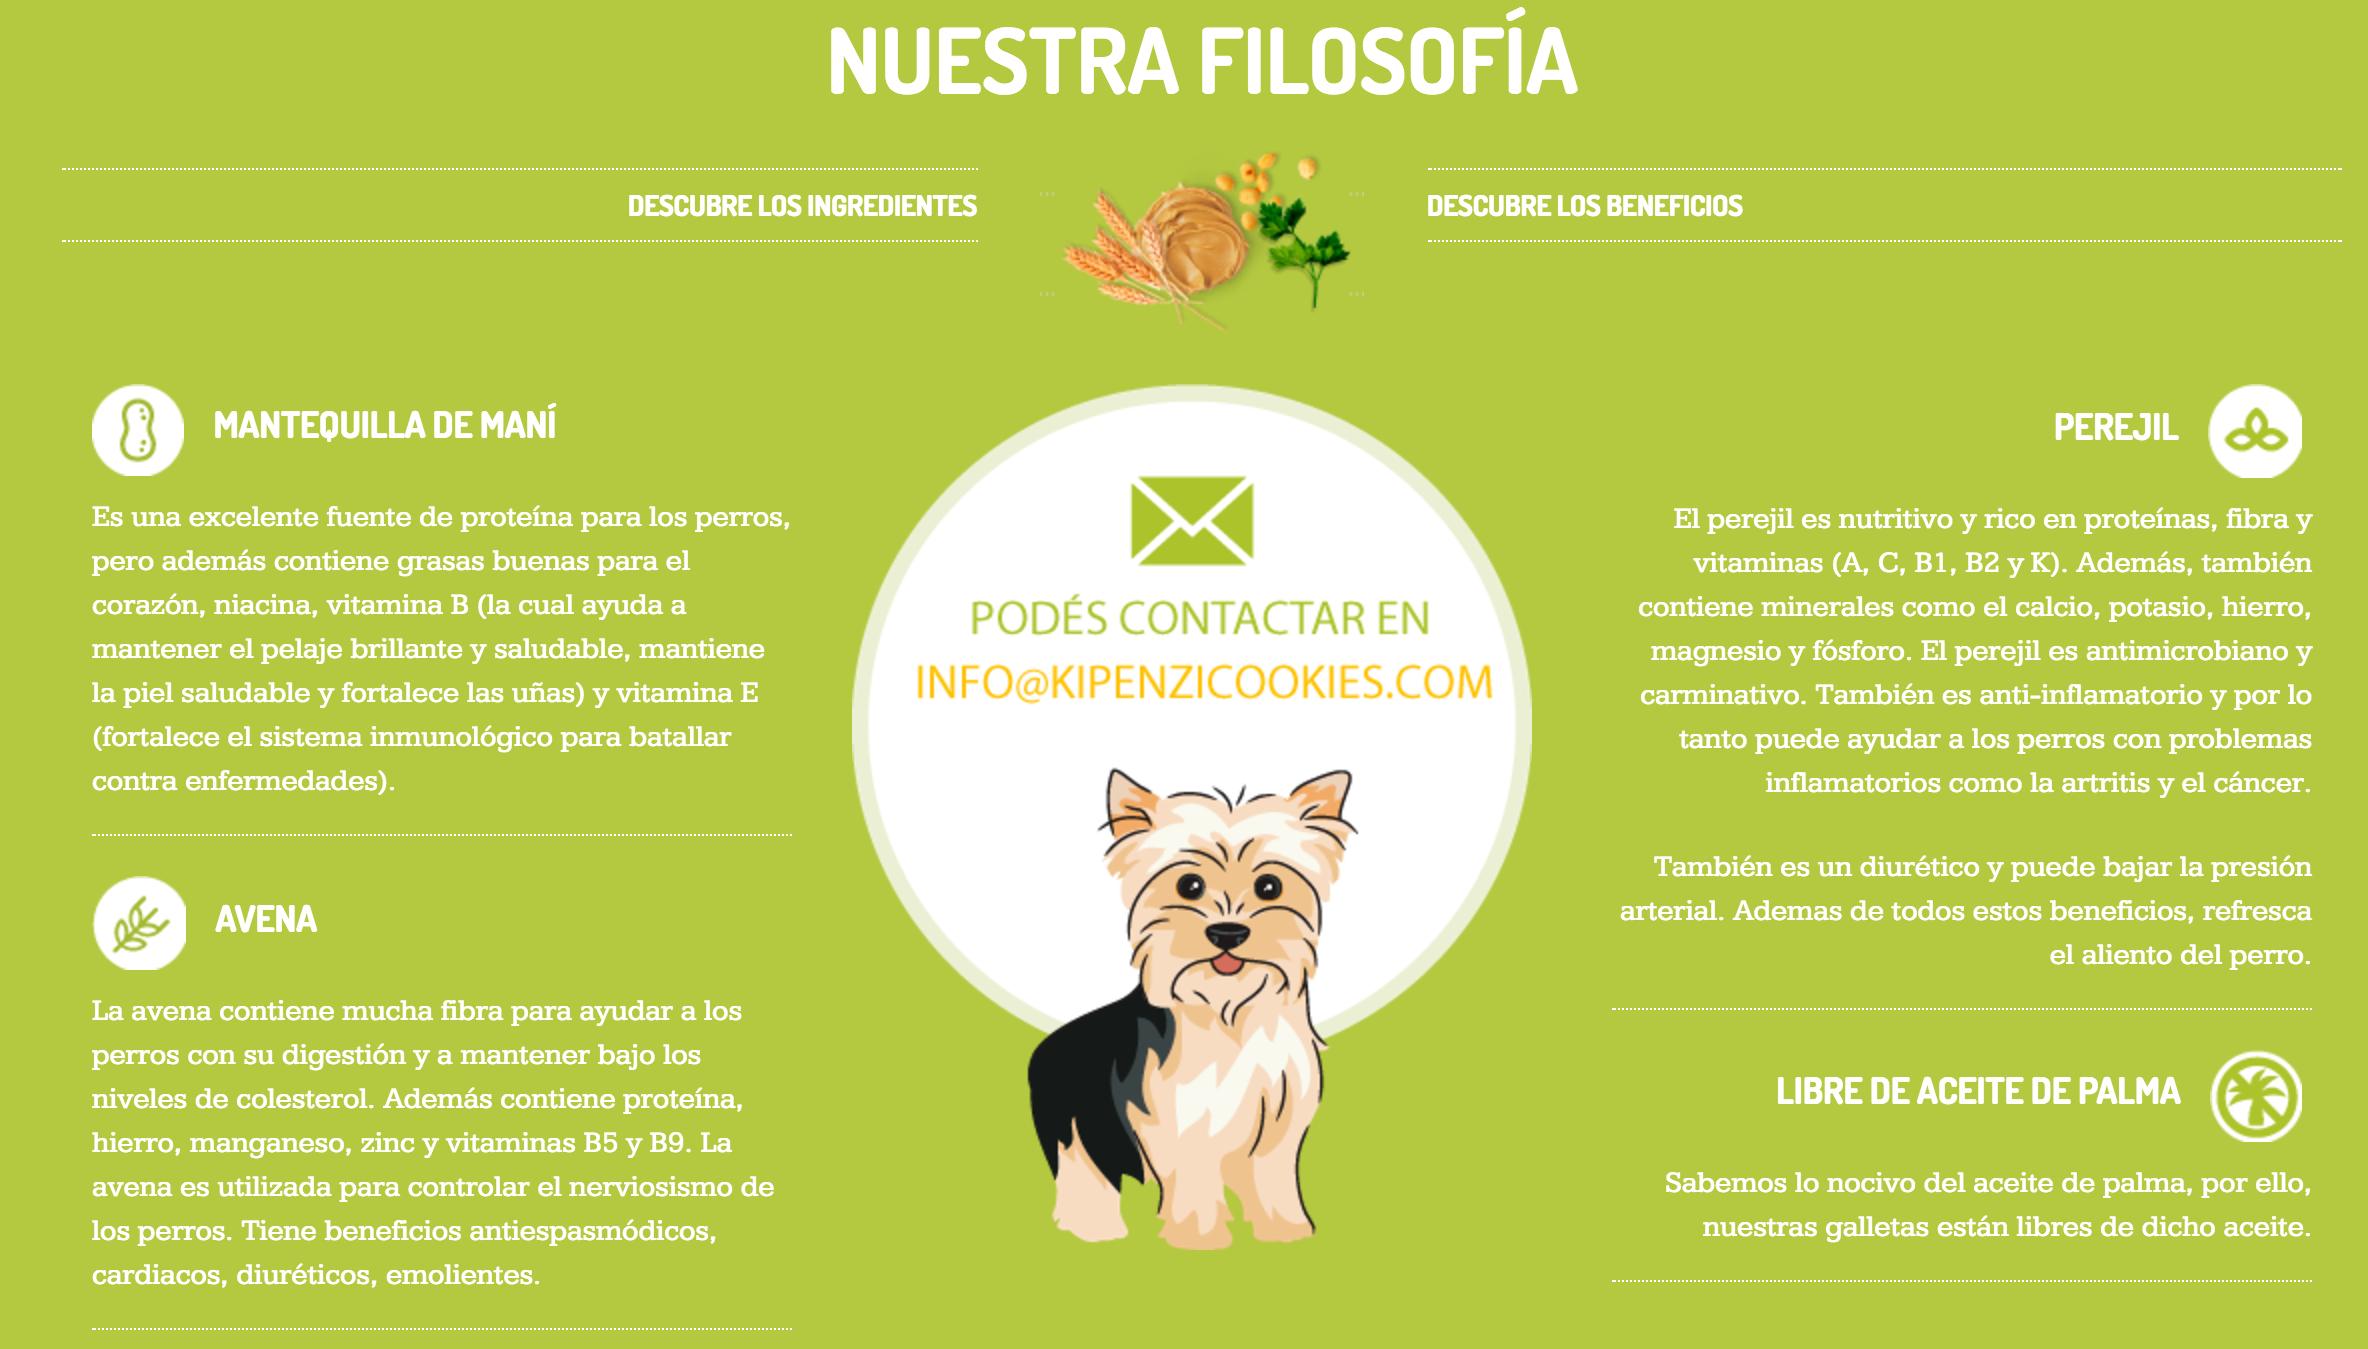 Dorable Galleta El Perro Para Colorear Galería - Dibujos Para ...